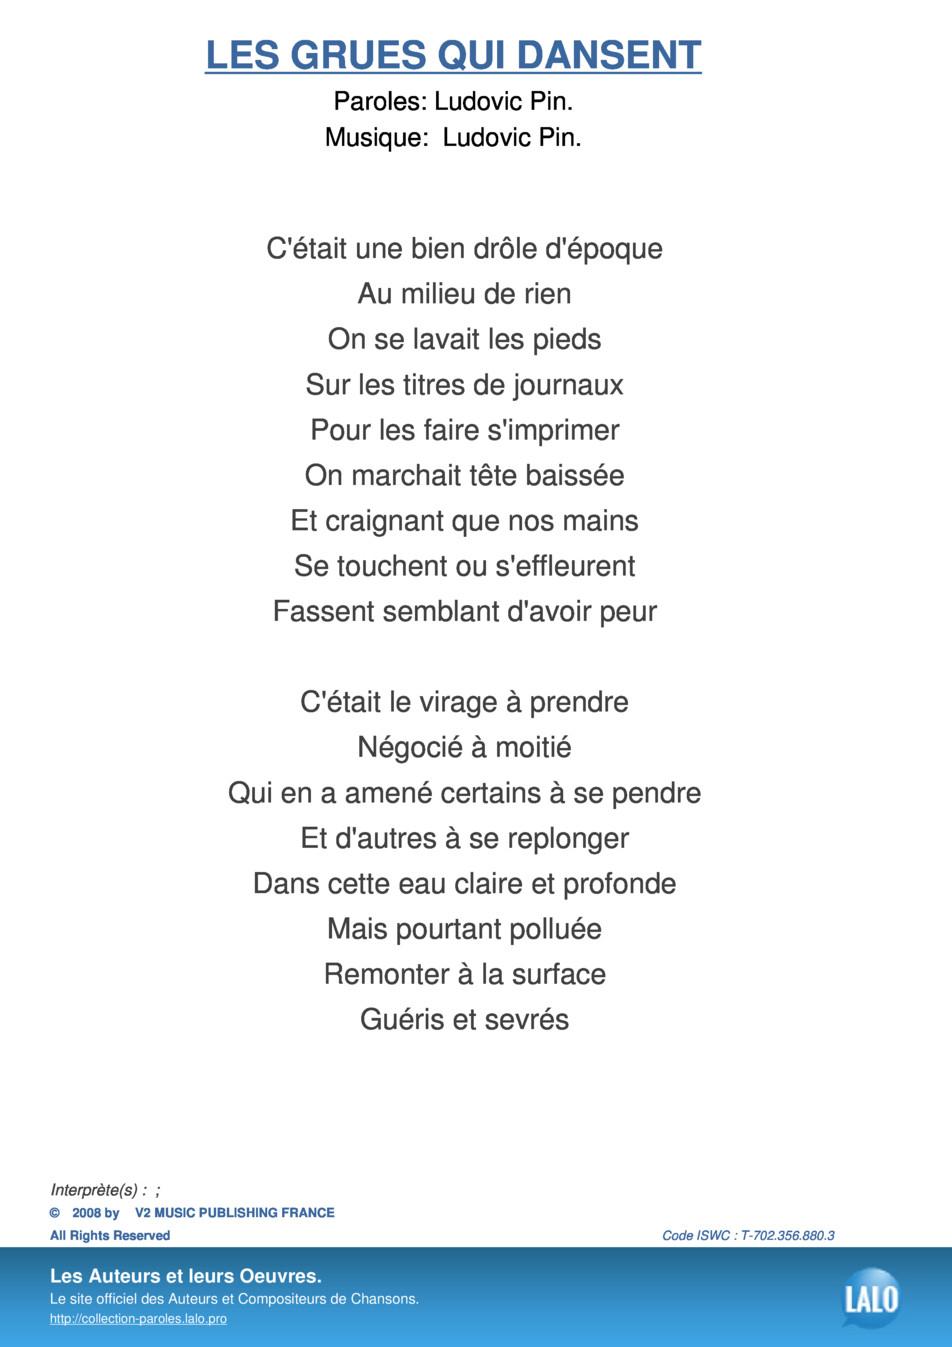 Paroles Et Musique De Les Grues Qui Dansent - Lalo.pro intérieur Chanson A Imprimer